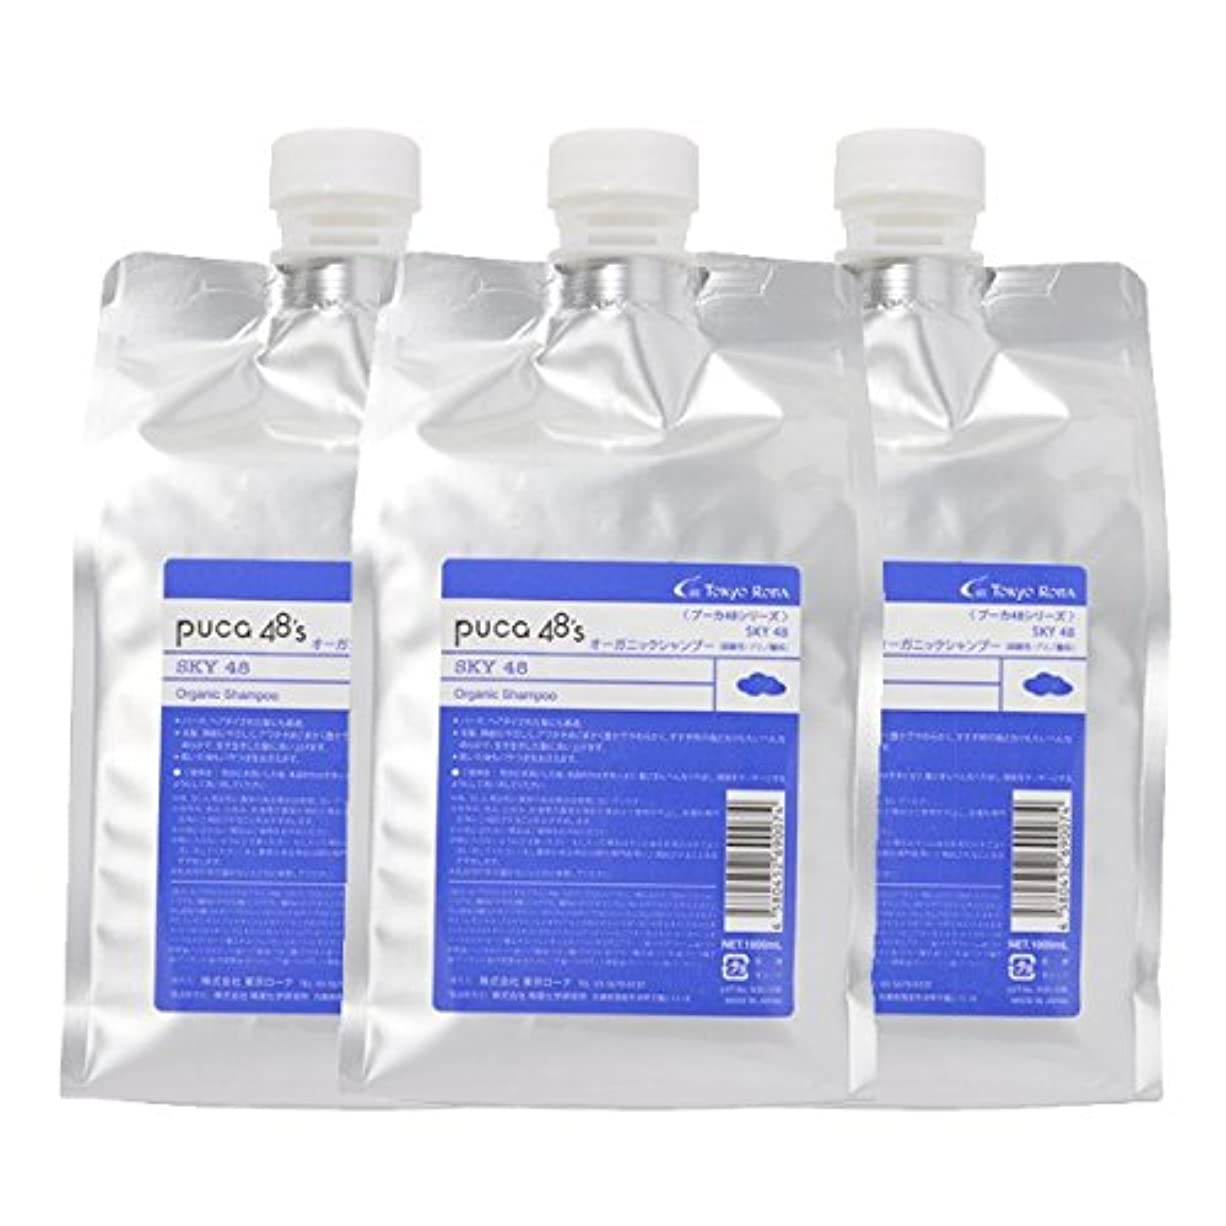 塩辛い水差し自治プーカ48シリーズ SKY 48 オーガニックシャンプー (弱酸性?アミノ酸系) 1000mL 3本セット